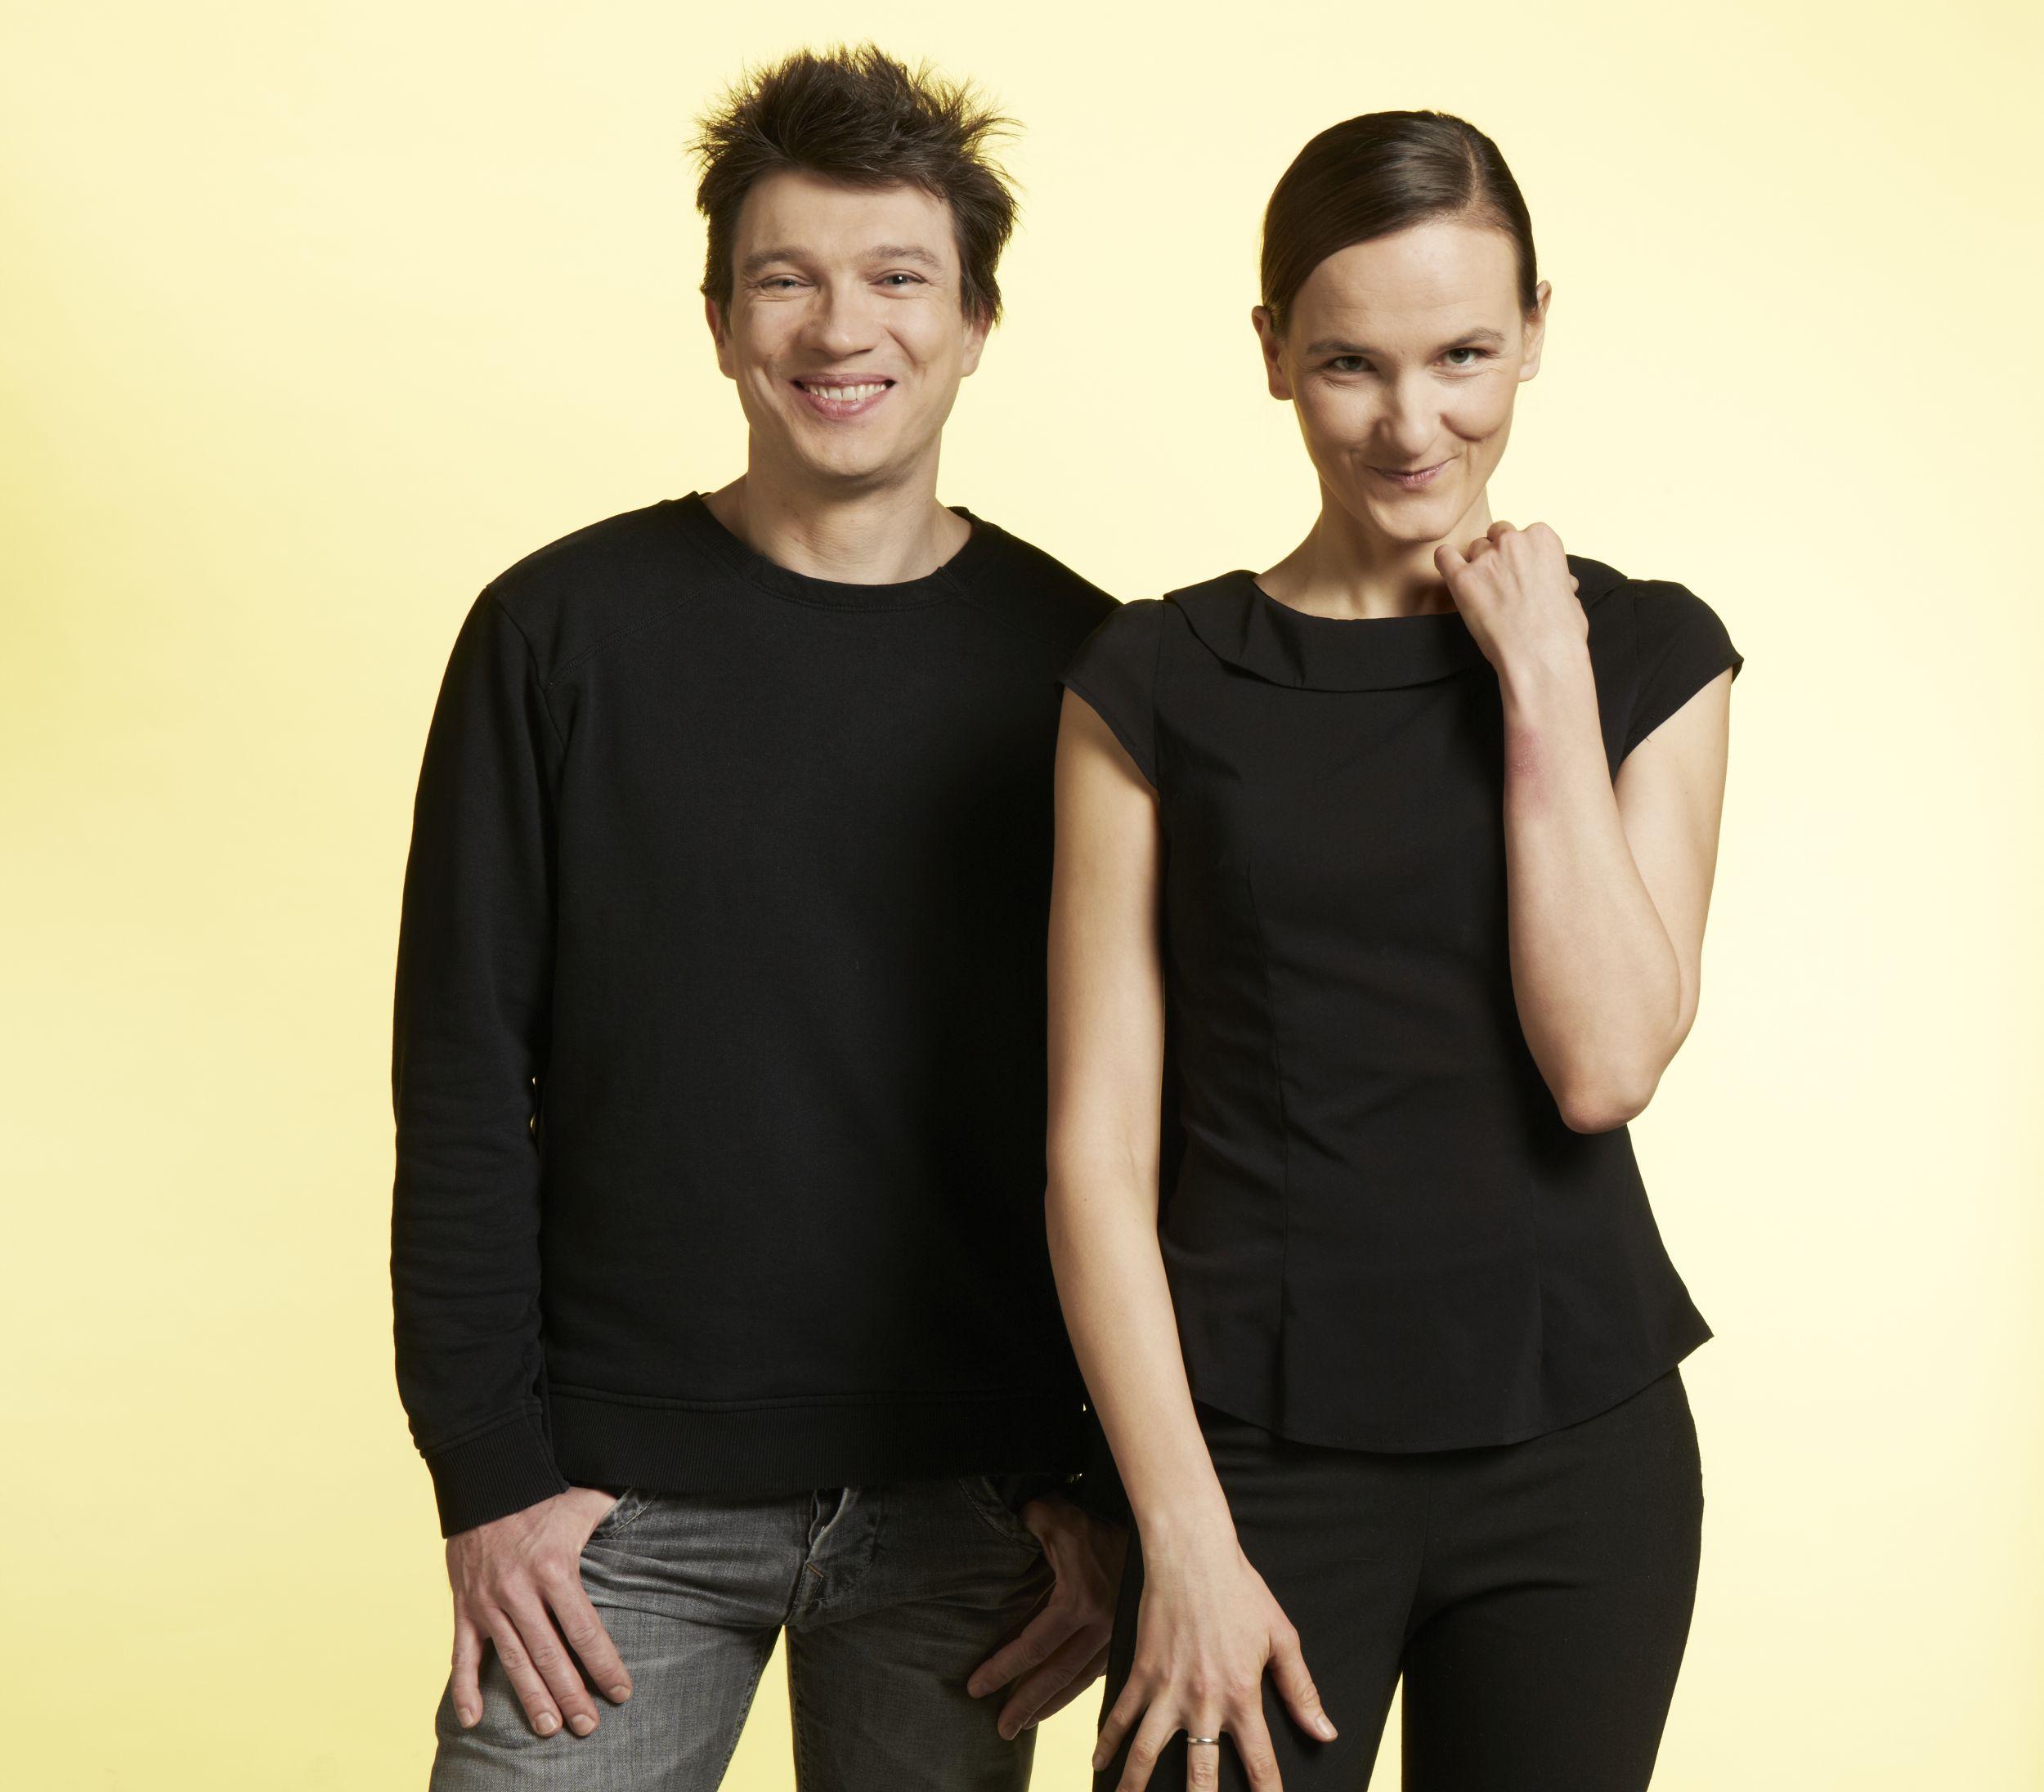 Grzegorz Sroczyński i Agnieszka Jucewicz (fot. Agata Jakubowska)